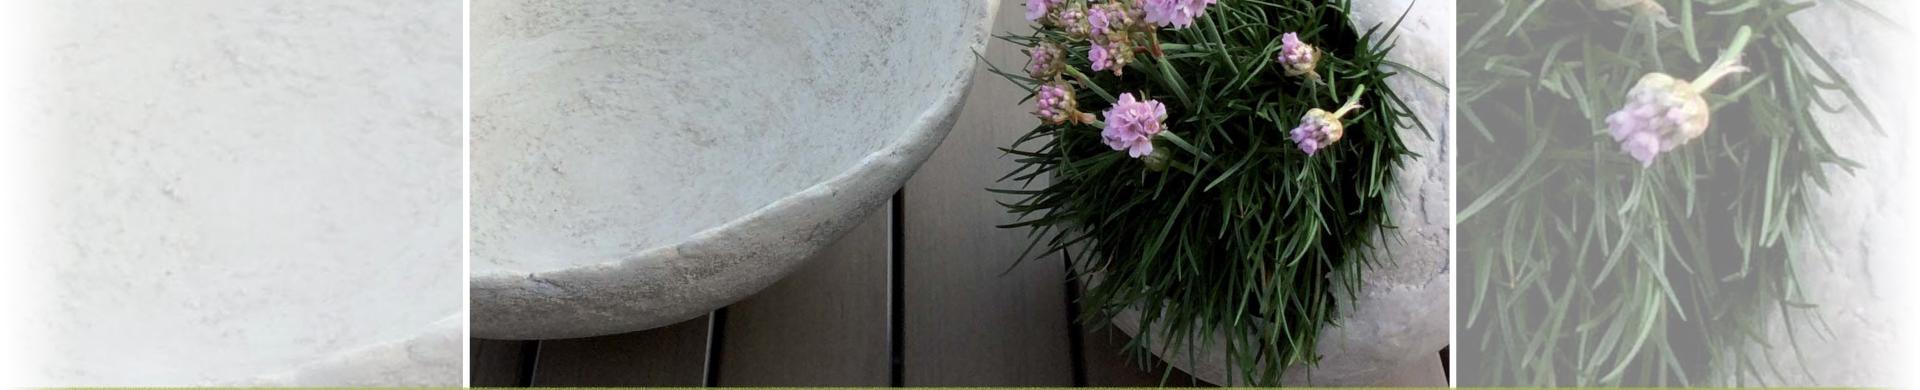 Concrete, Wood & Papier Mache for Modelling